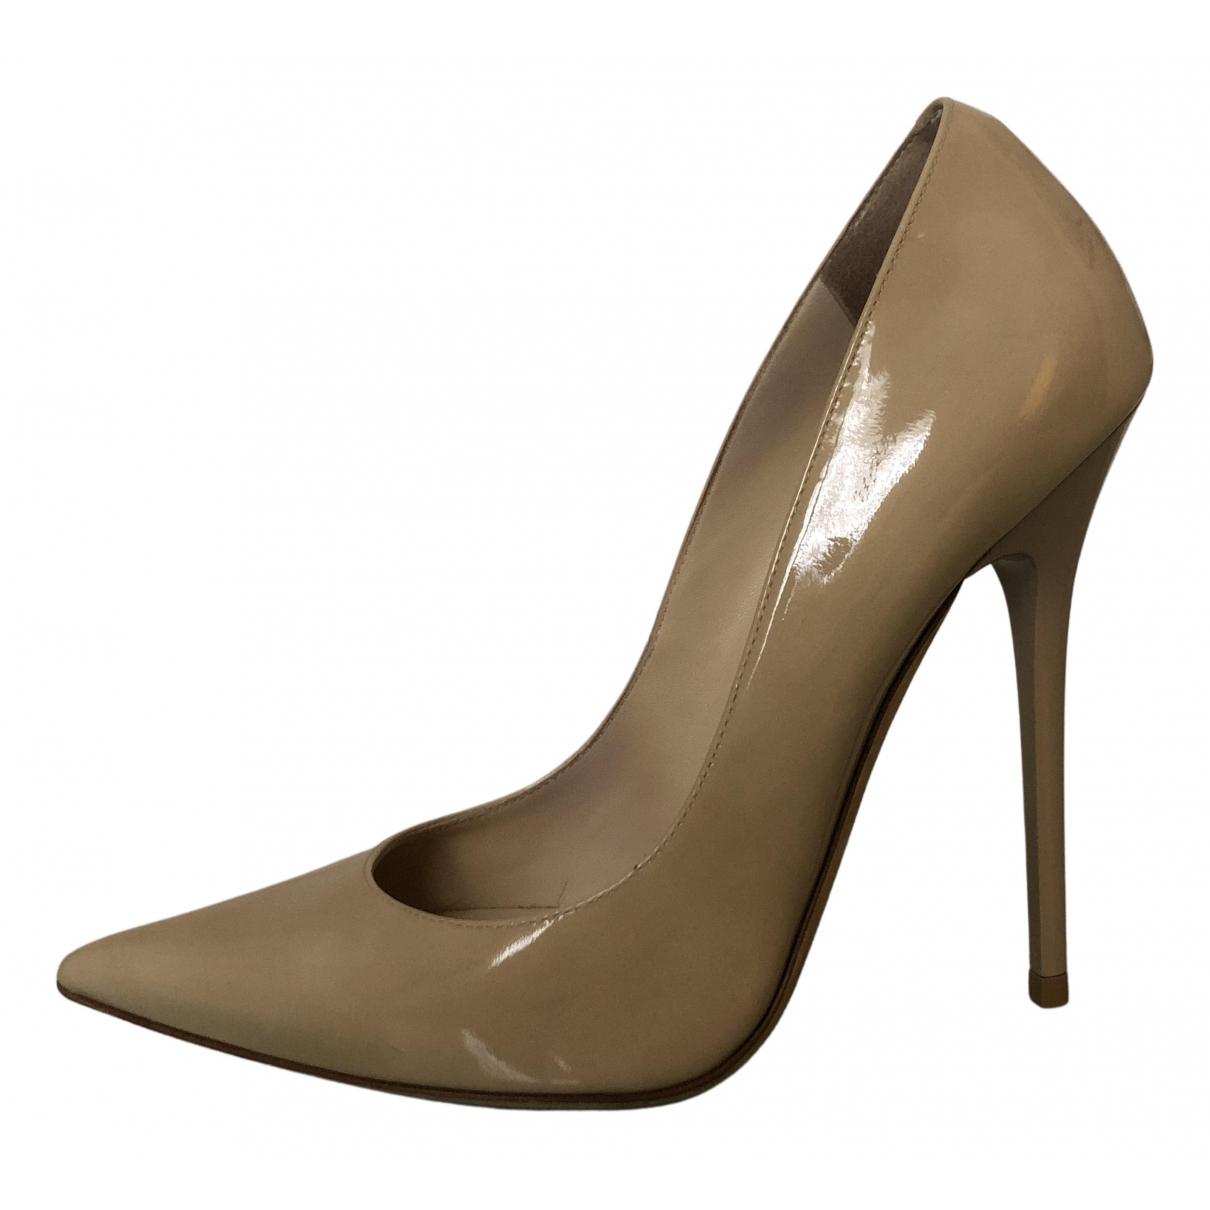 Jimmy Choo Anouk Beige Patent leather Heels for Women 36.5 EU